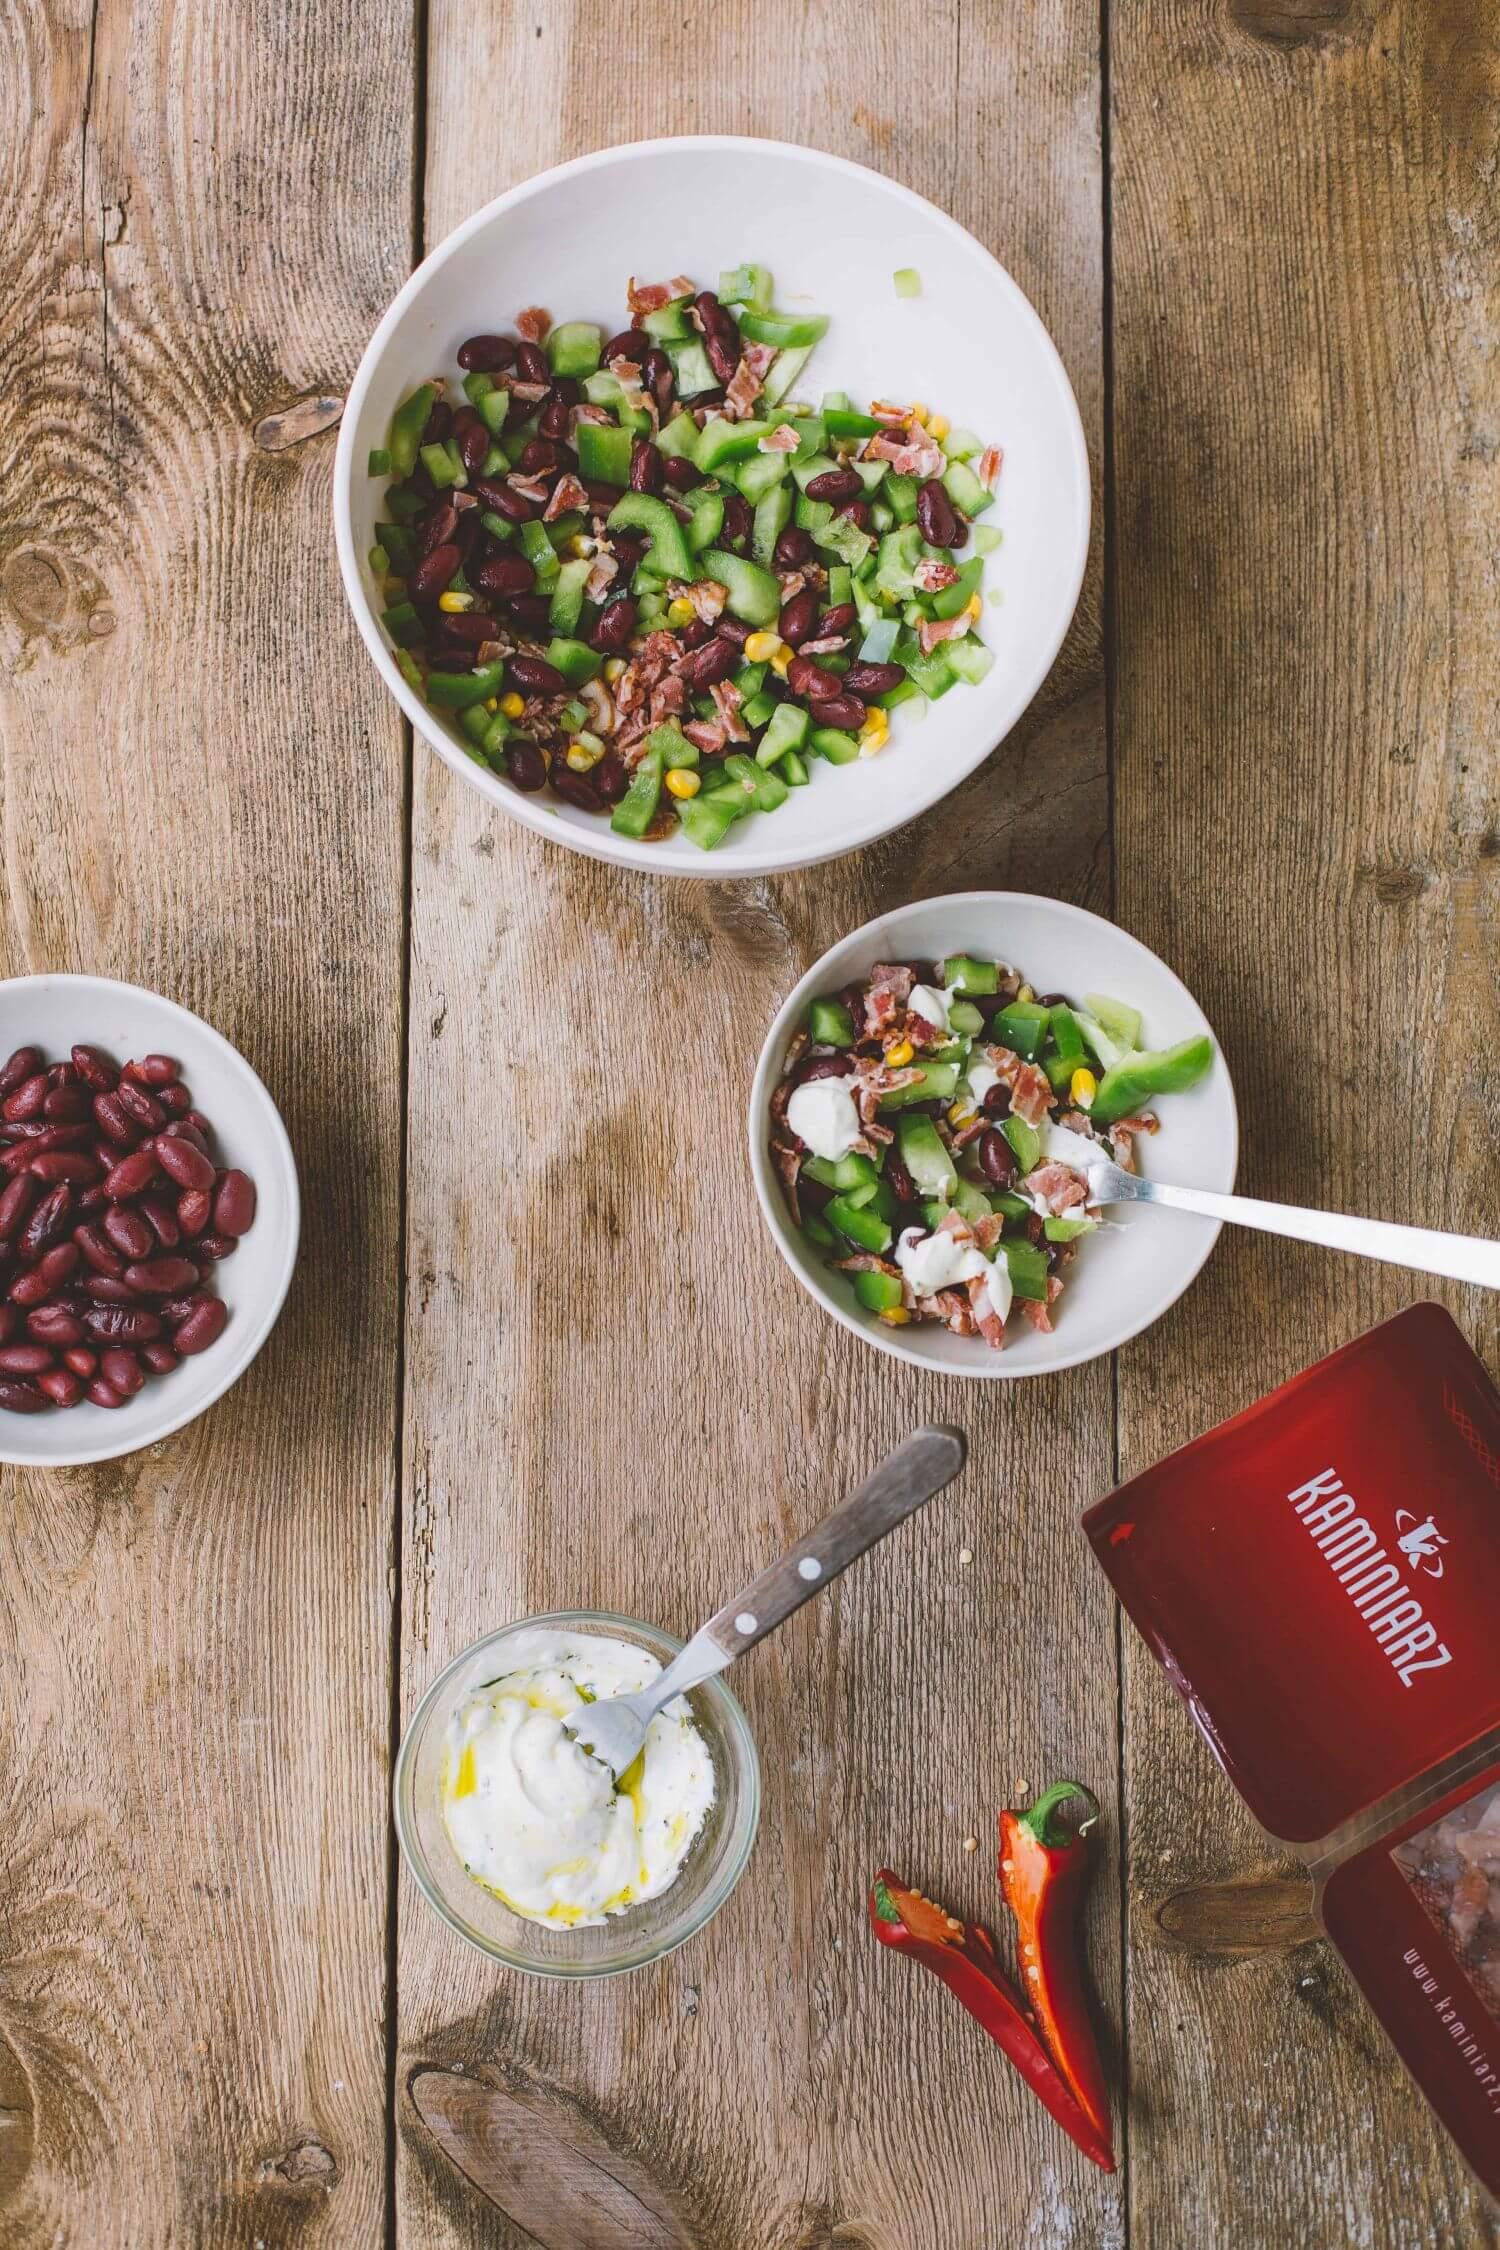 salatka meksykanska z bekonem i chilli